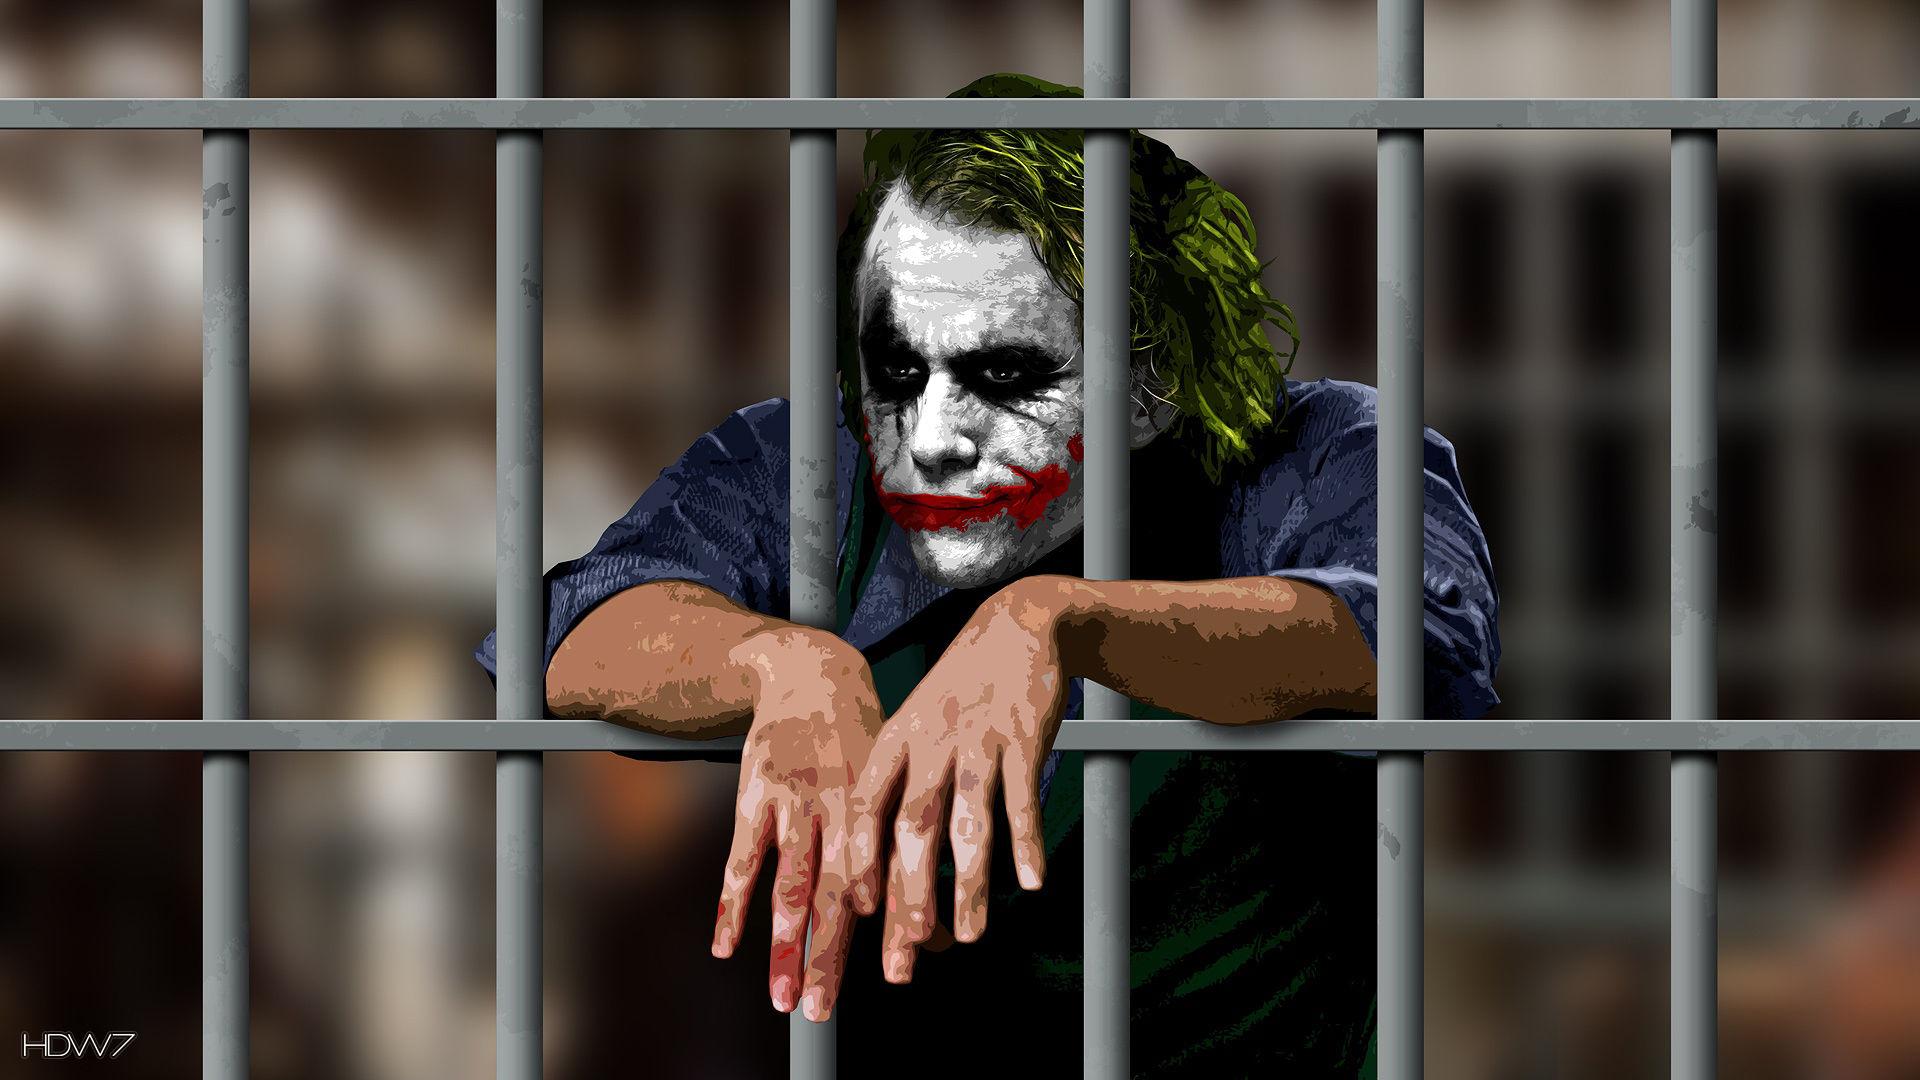 batman the joker is in jail wallpaper HD wallpaper gallery 208 1920x1080